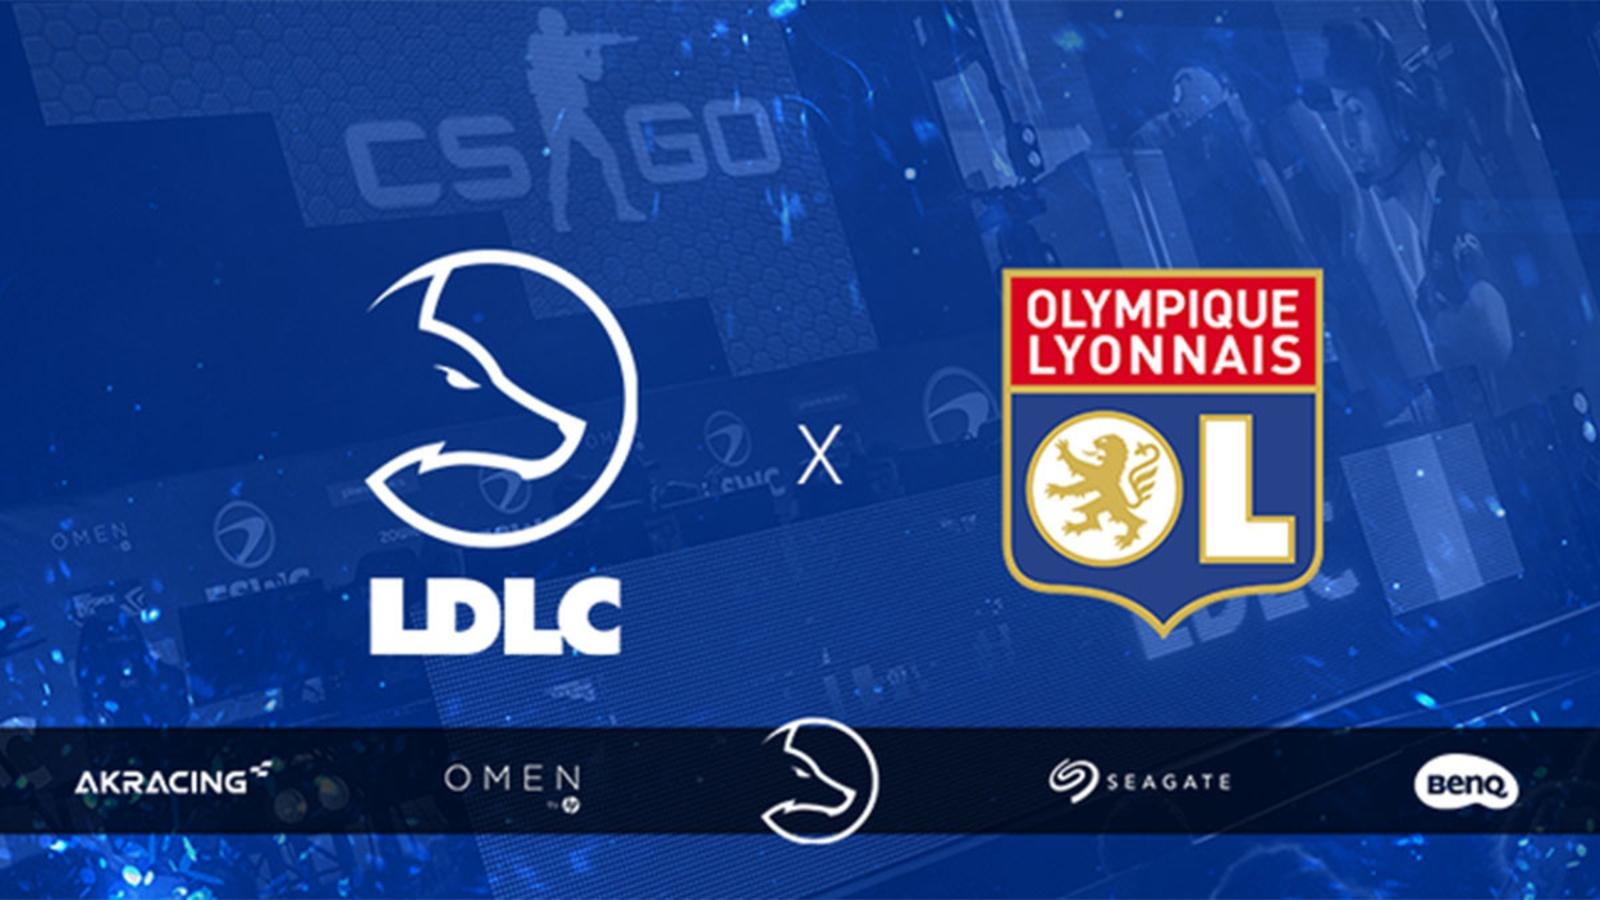 Team LDLC, l'équipe gaming du e-commerçant, devient partenaire de l'Olympique lyonnais et change de nom